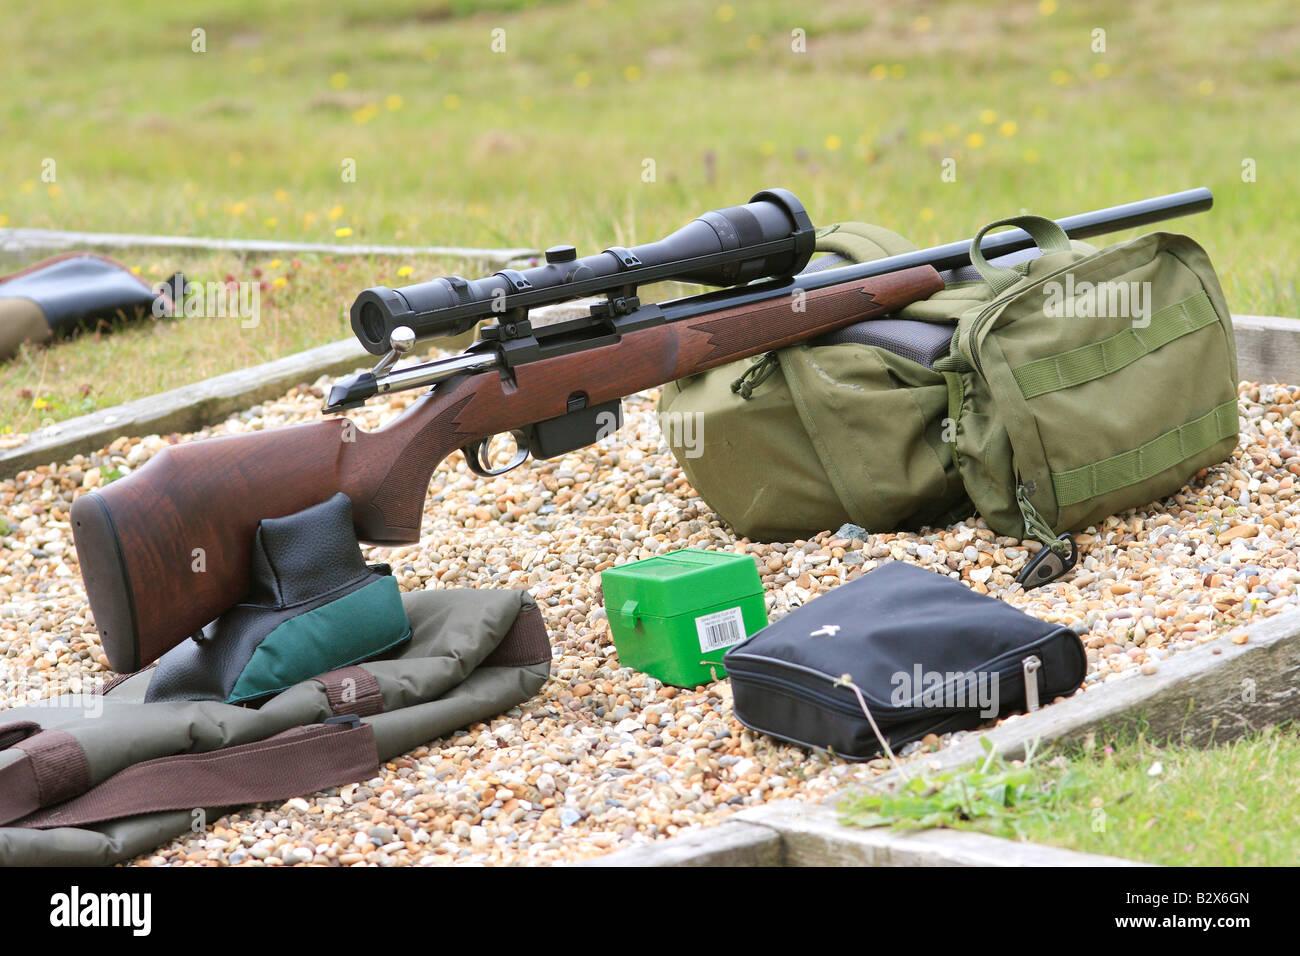 Tikka M595 Bolt Action Rifle at Rifle Range (.243 Calibre) - Stock Image